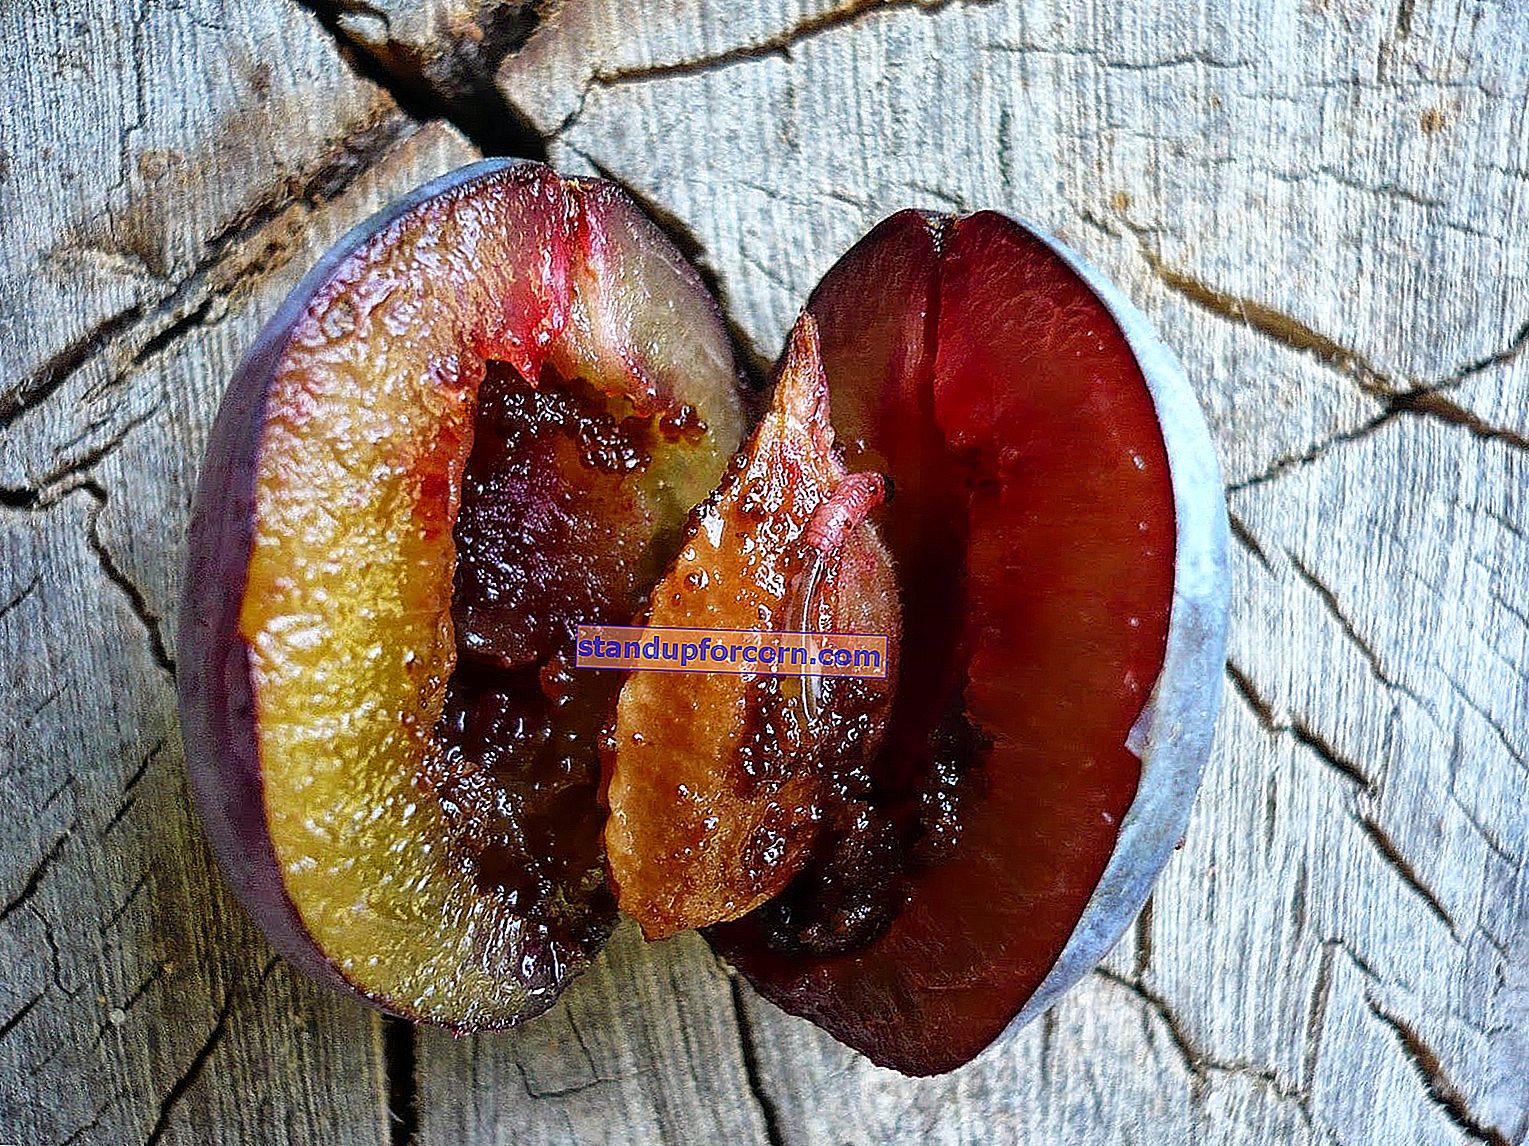 Blommefrugt - bekæmpelse, sprøjtning på orme i blommer